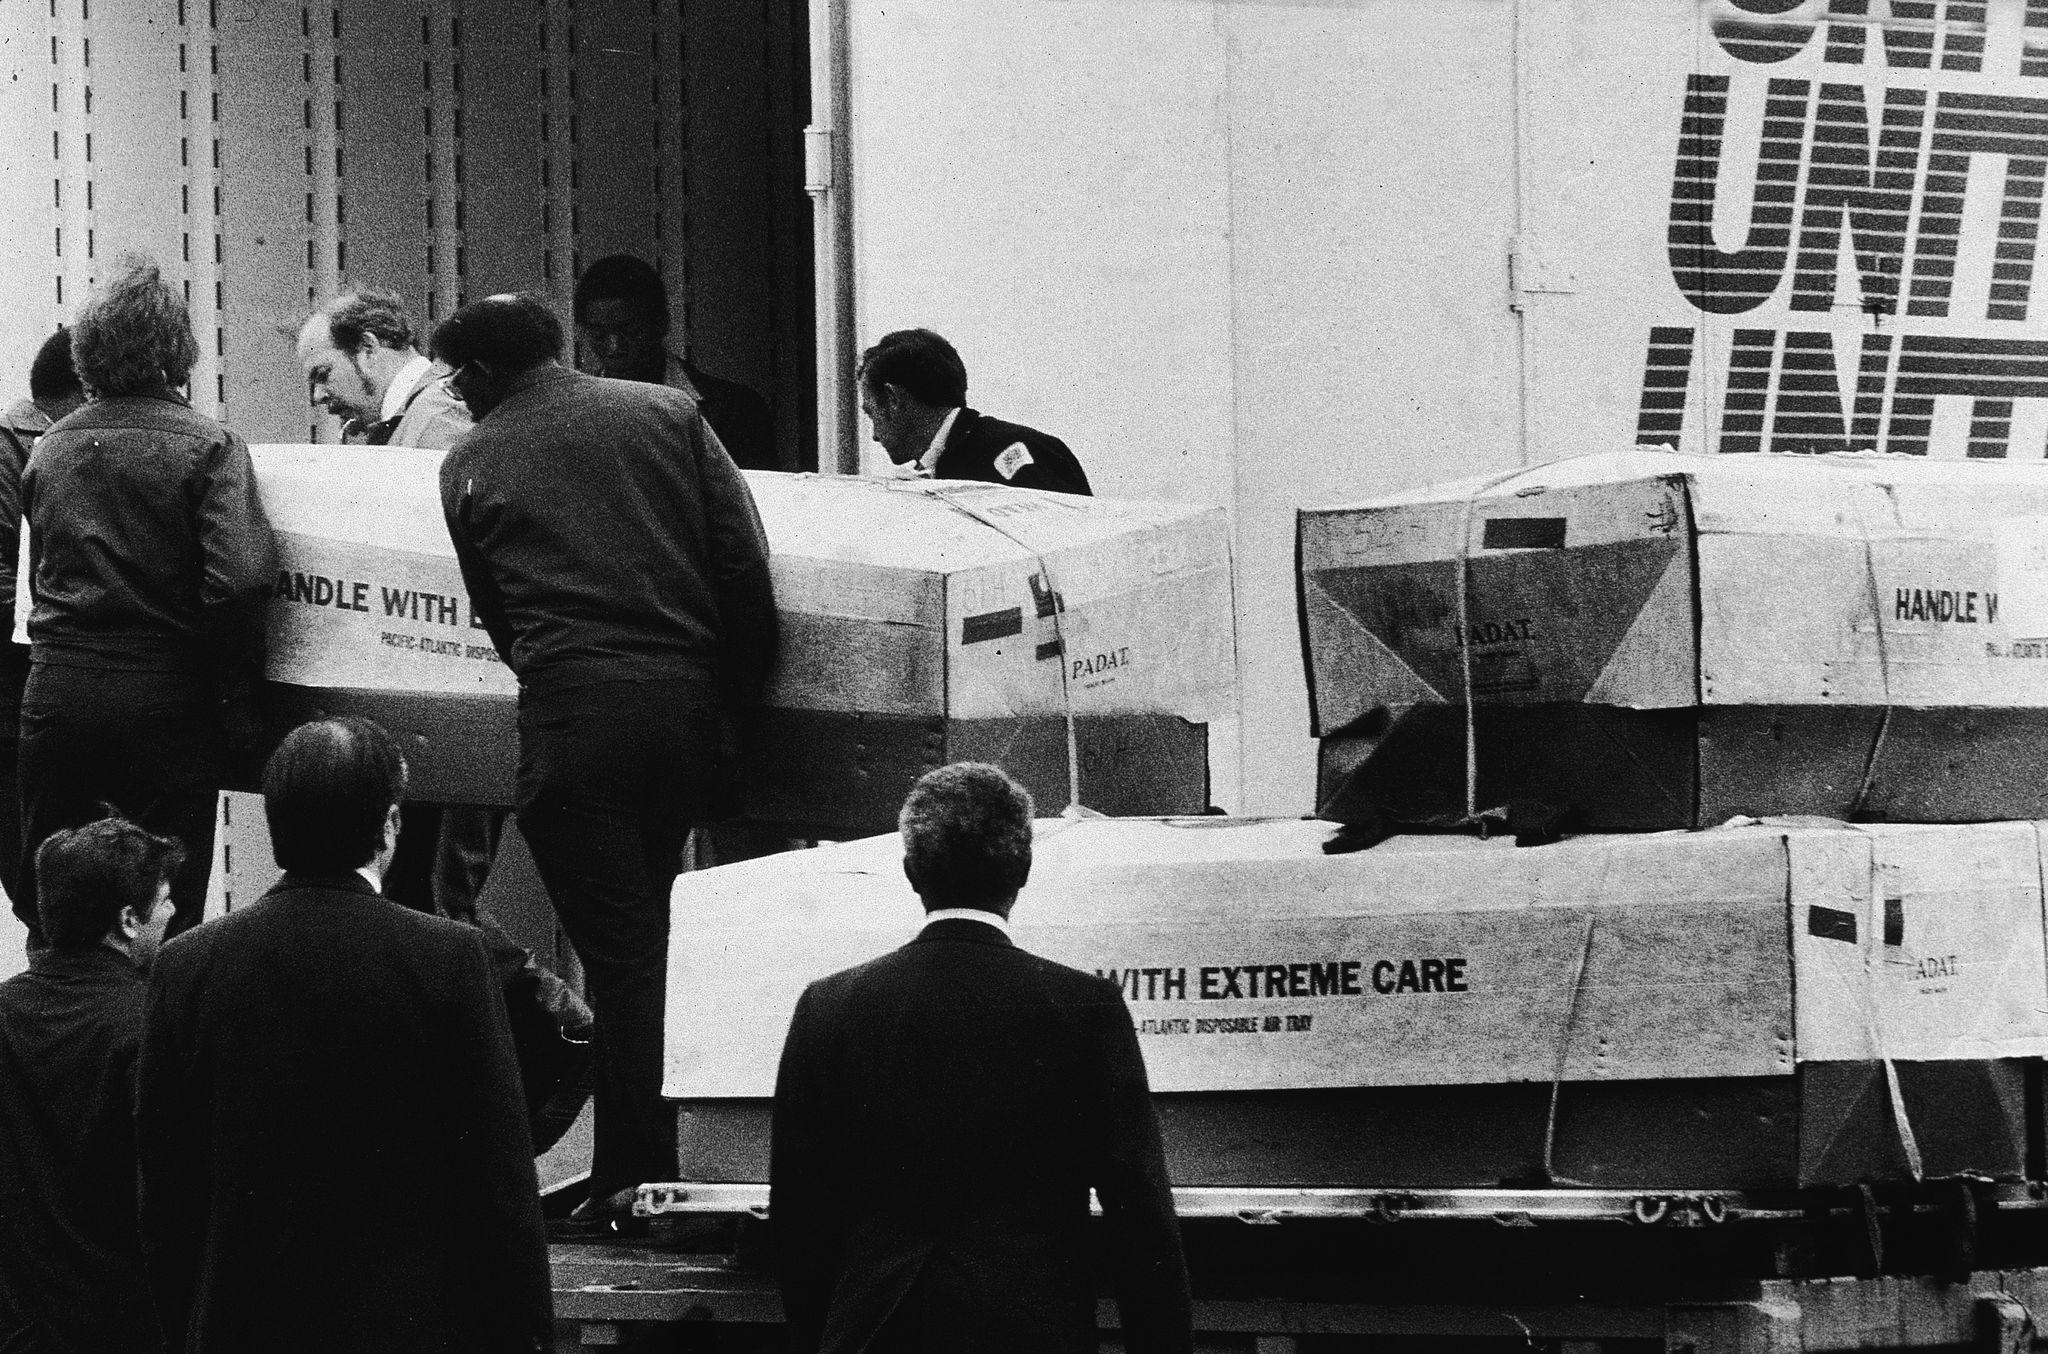 1979. Мужчины загружают гробы в грузовик для перевозки в Дувре, штат Делавэр, 26 апреля 1979 года. Все гробы прибыли из Джонстауна, Гайана, где препо…